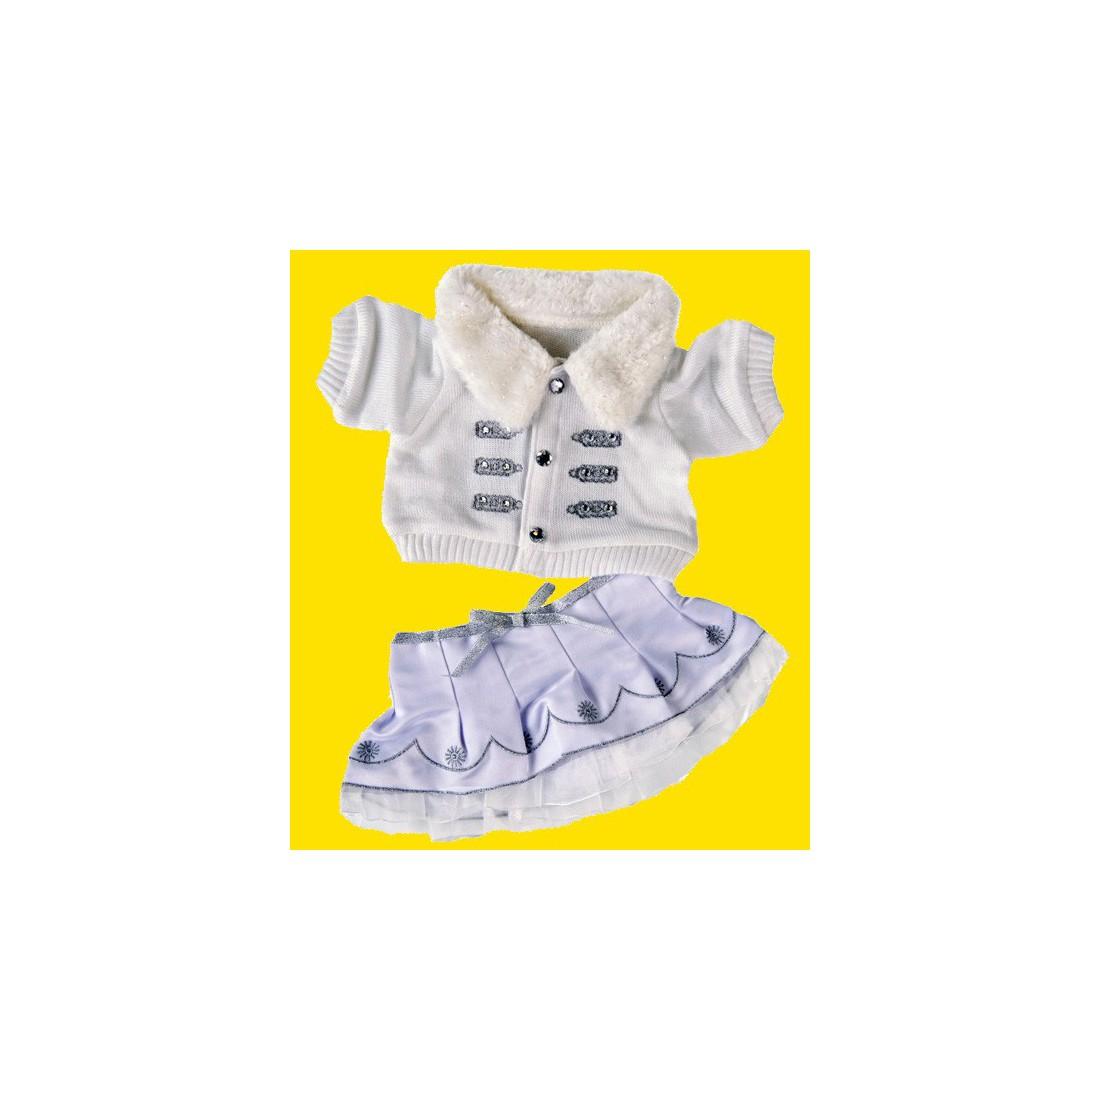 Robe d'hiver blanche  hiver 40 cm - La tenue idéale pour les peluches personnalisées ! Transformez votre Teddy en un inséparable